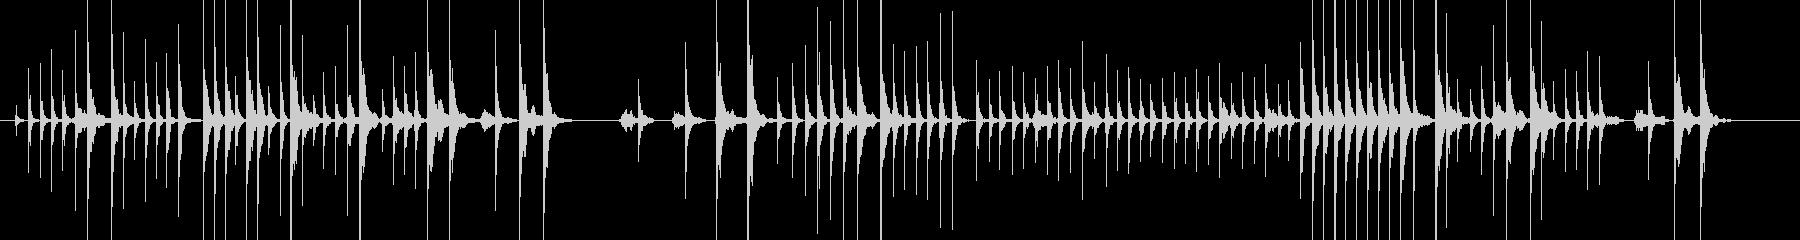 太鼓2神舞初段能楽狂言歌舞伎真面目刀剣日の未再生の波形